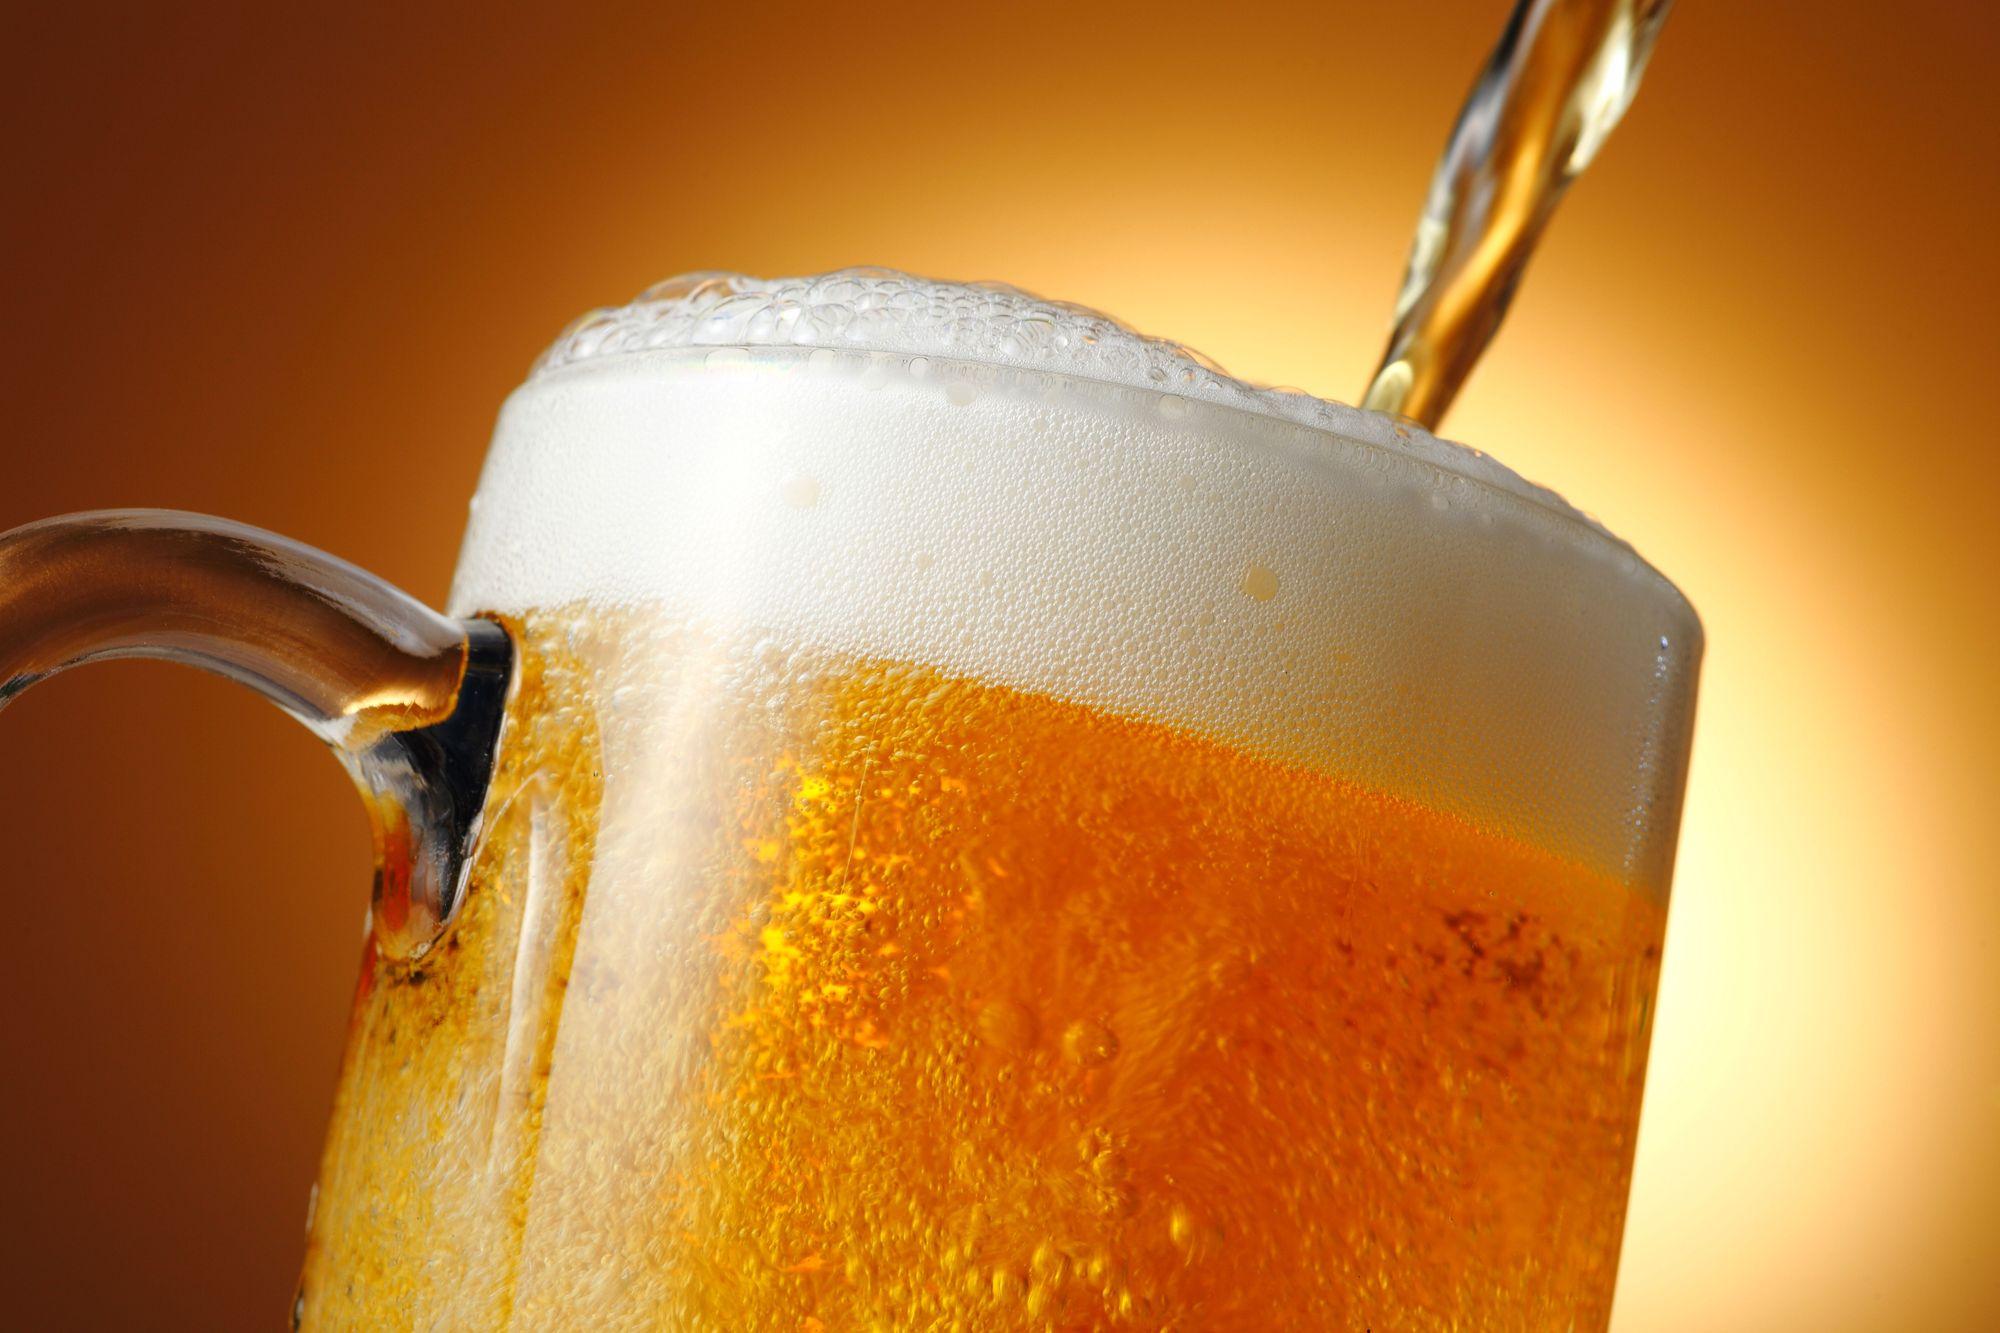 ジョッキにビールが注がれている様子